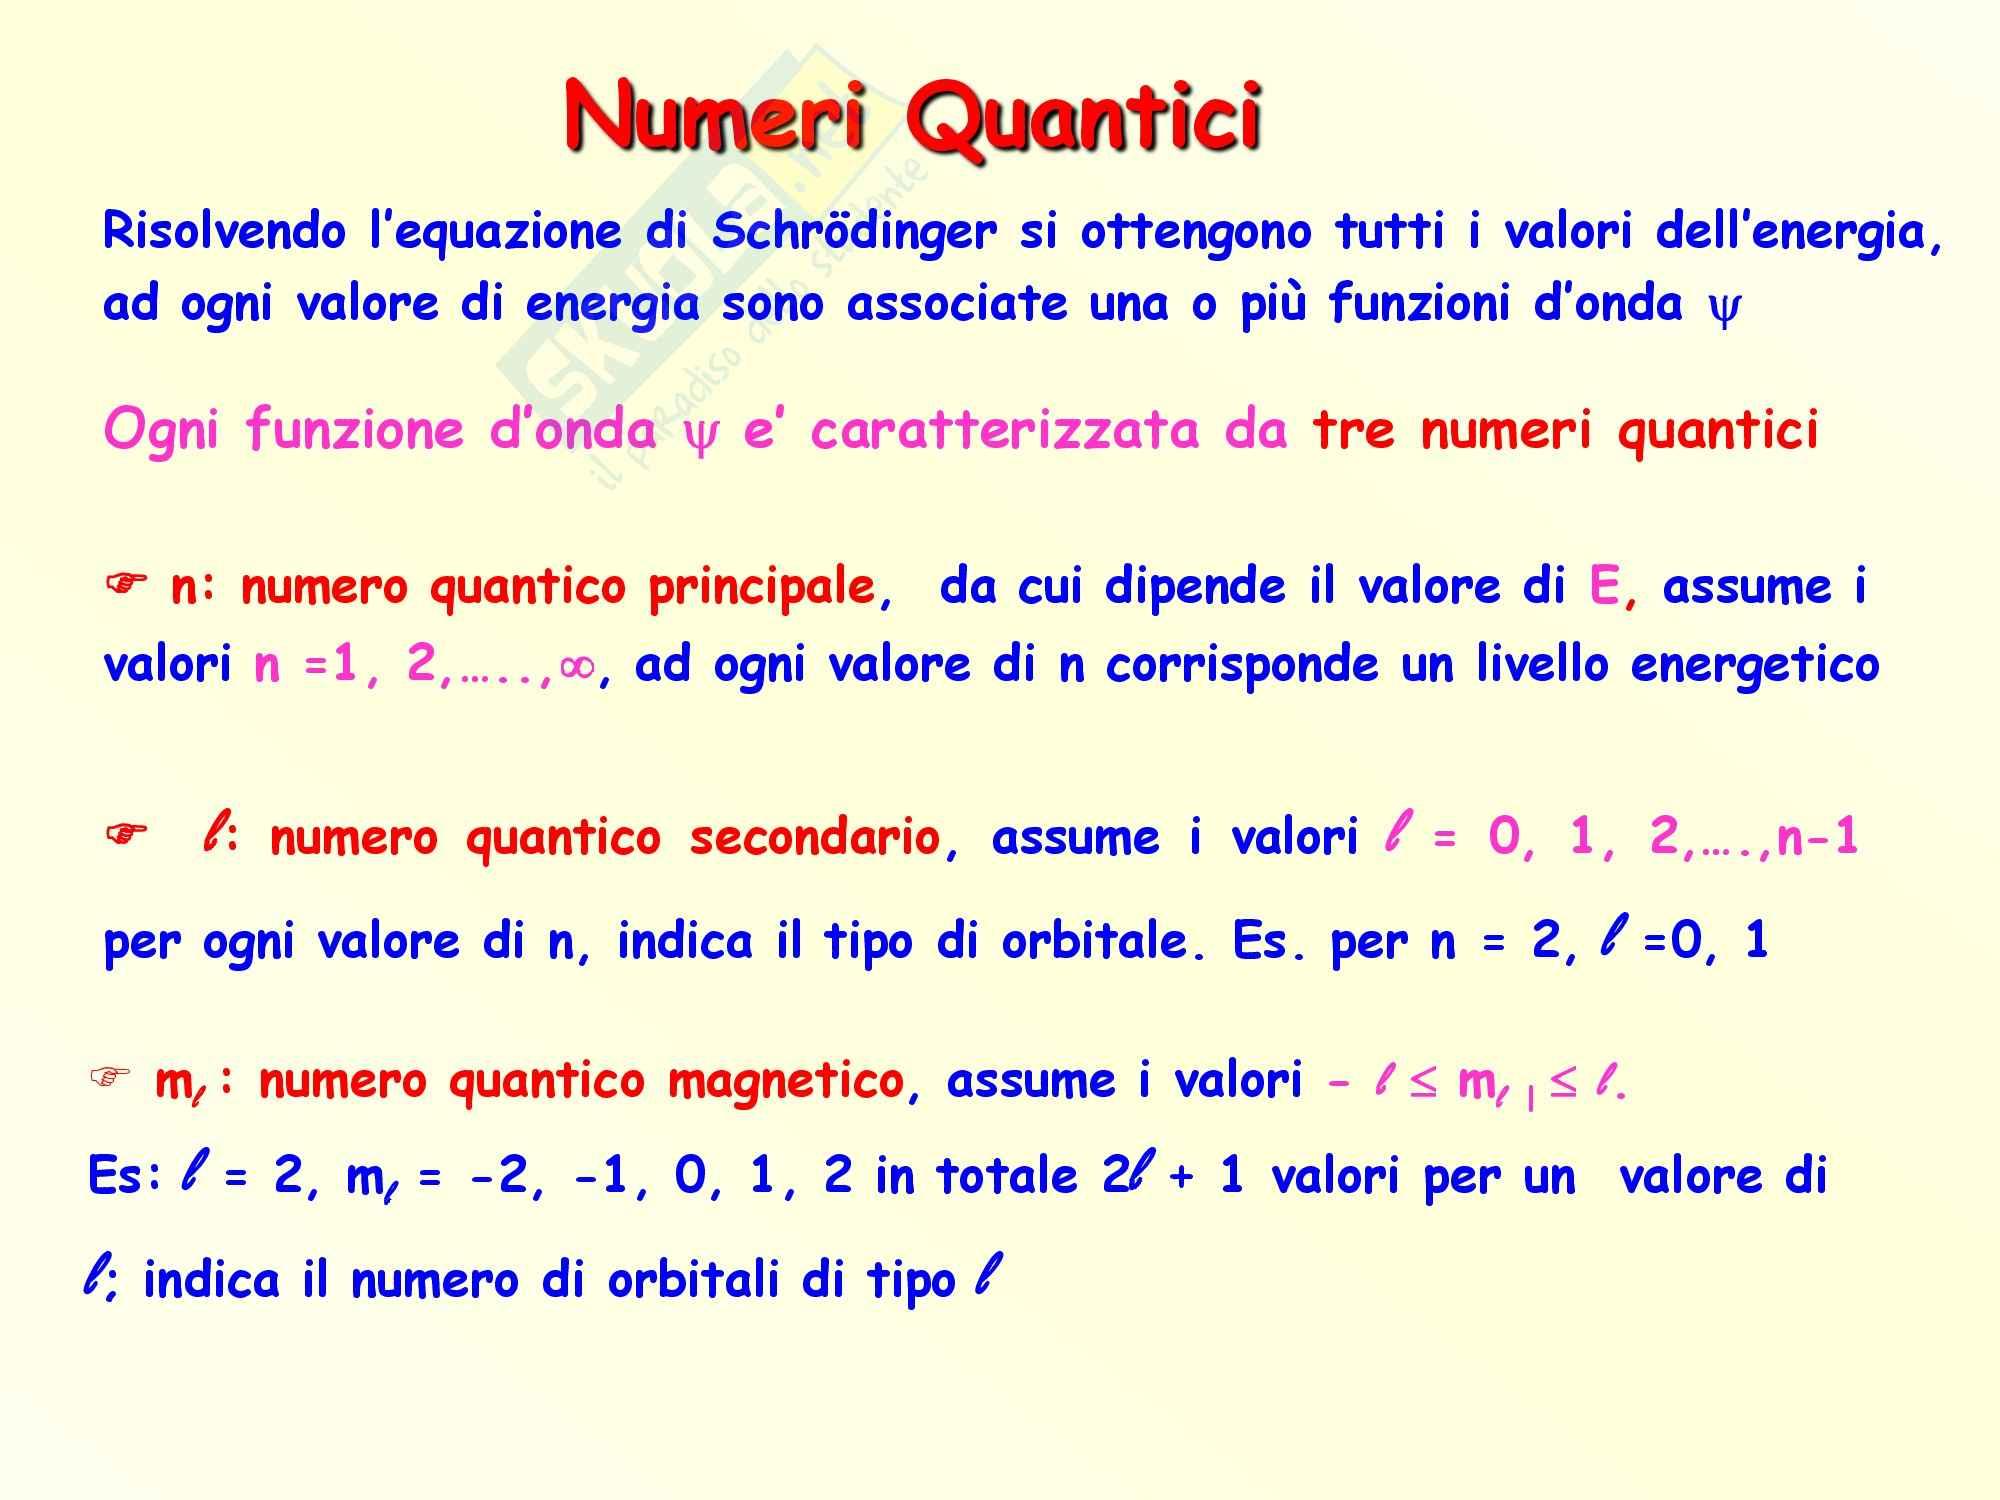 Chimica inorganica - numeri quantici e funzioni d'onda Pag. 2